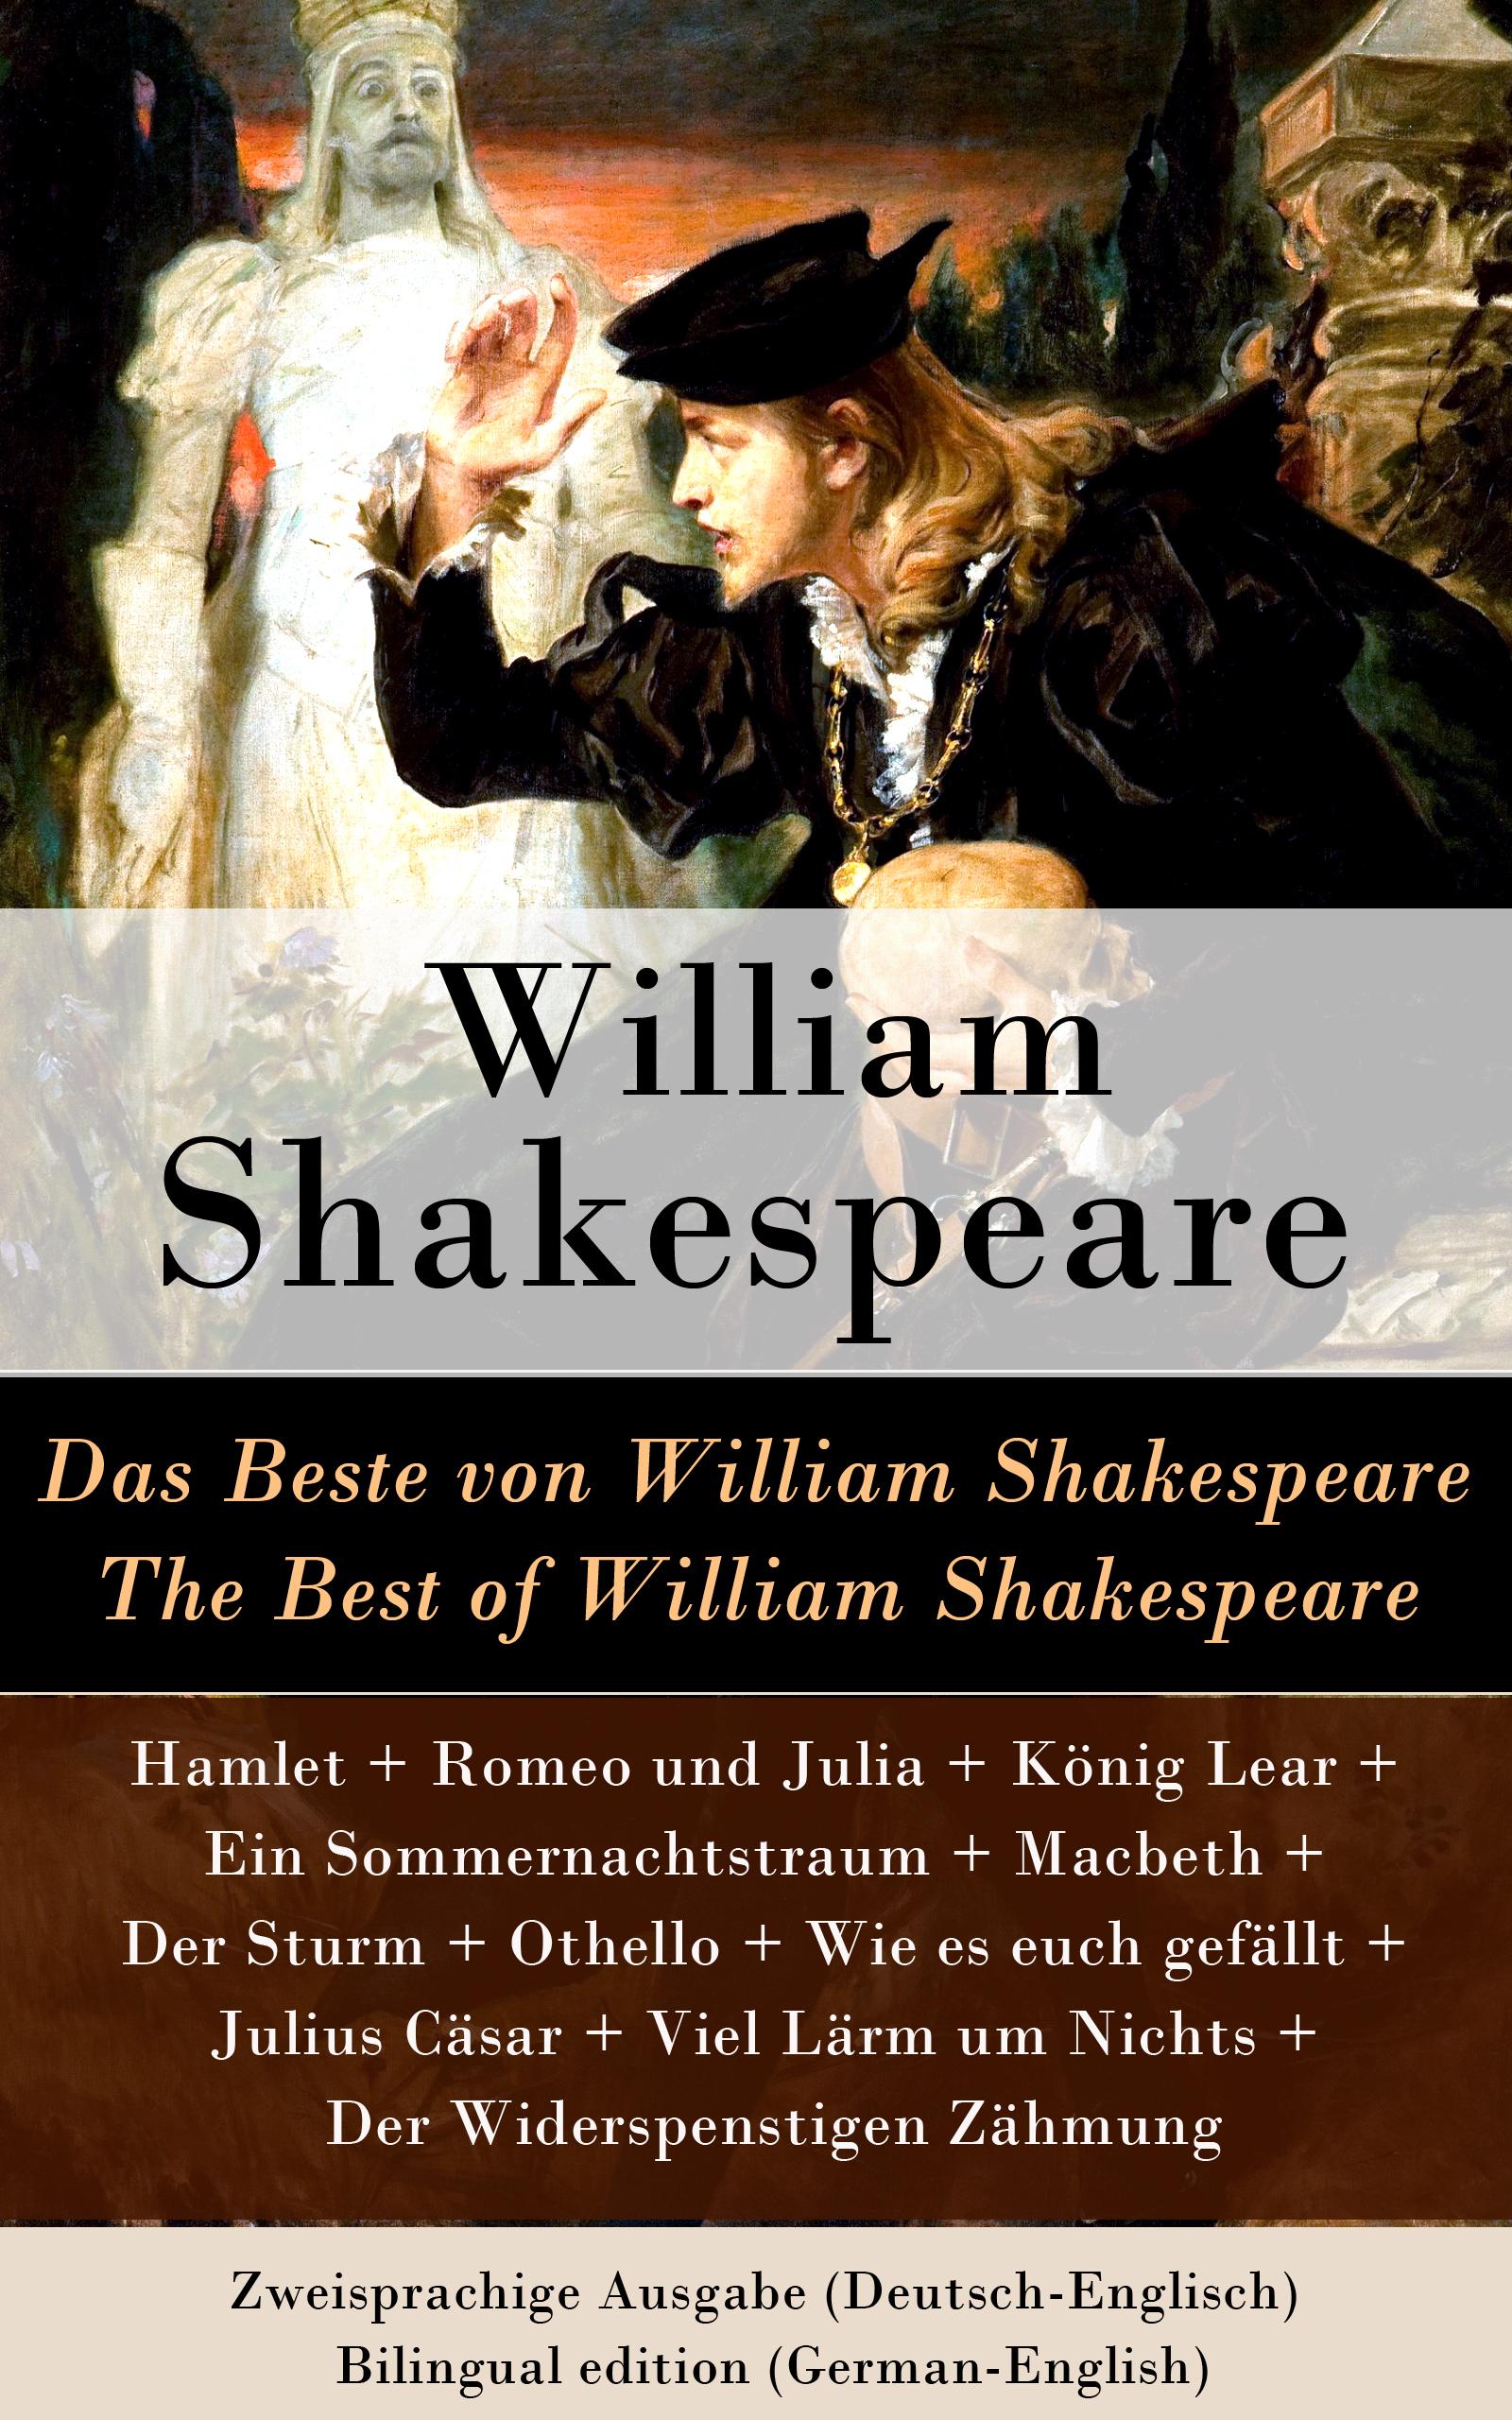 Уильям Шекспир Das Beste von William Shakespeare / The Best of William Shakespeare - Zweisprachige Ausgabe (Deutsch-Englisch) / Bilingual edition (German-English) william shakespeare very interesting people